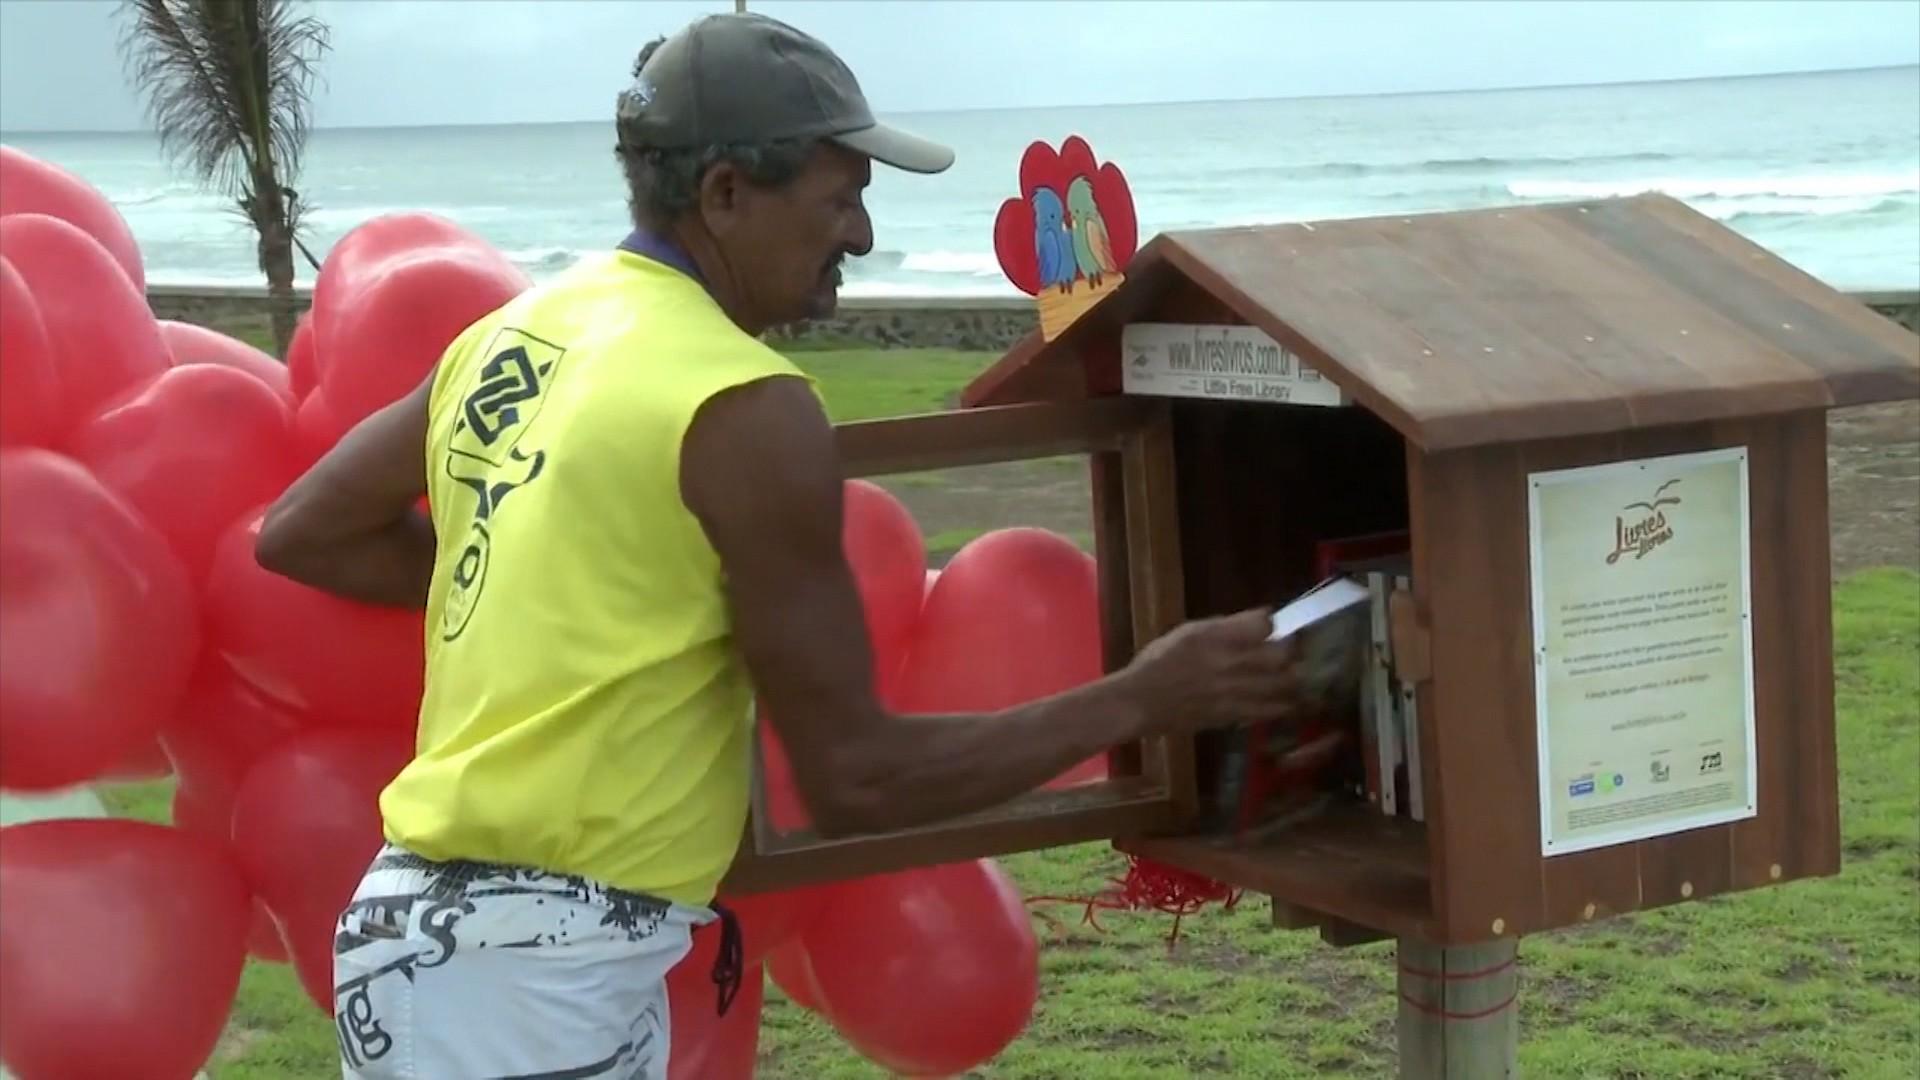 Fazendo a Diferença mostra projeto que instala casinhas de madeira com livros em Salvador (Foto: Divulgação)